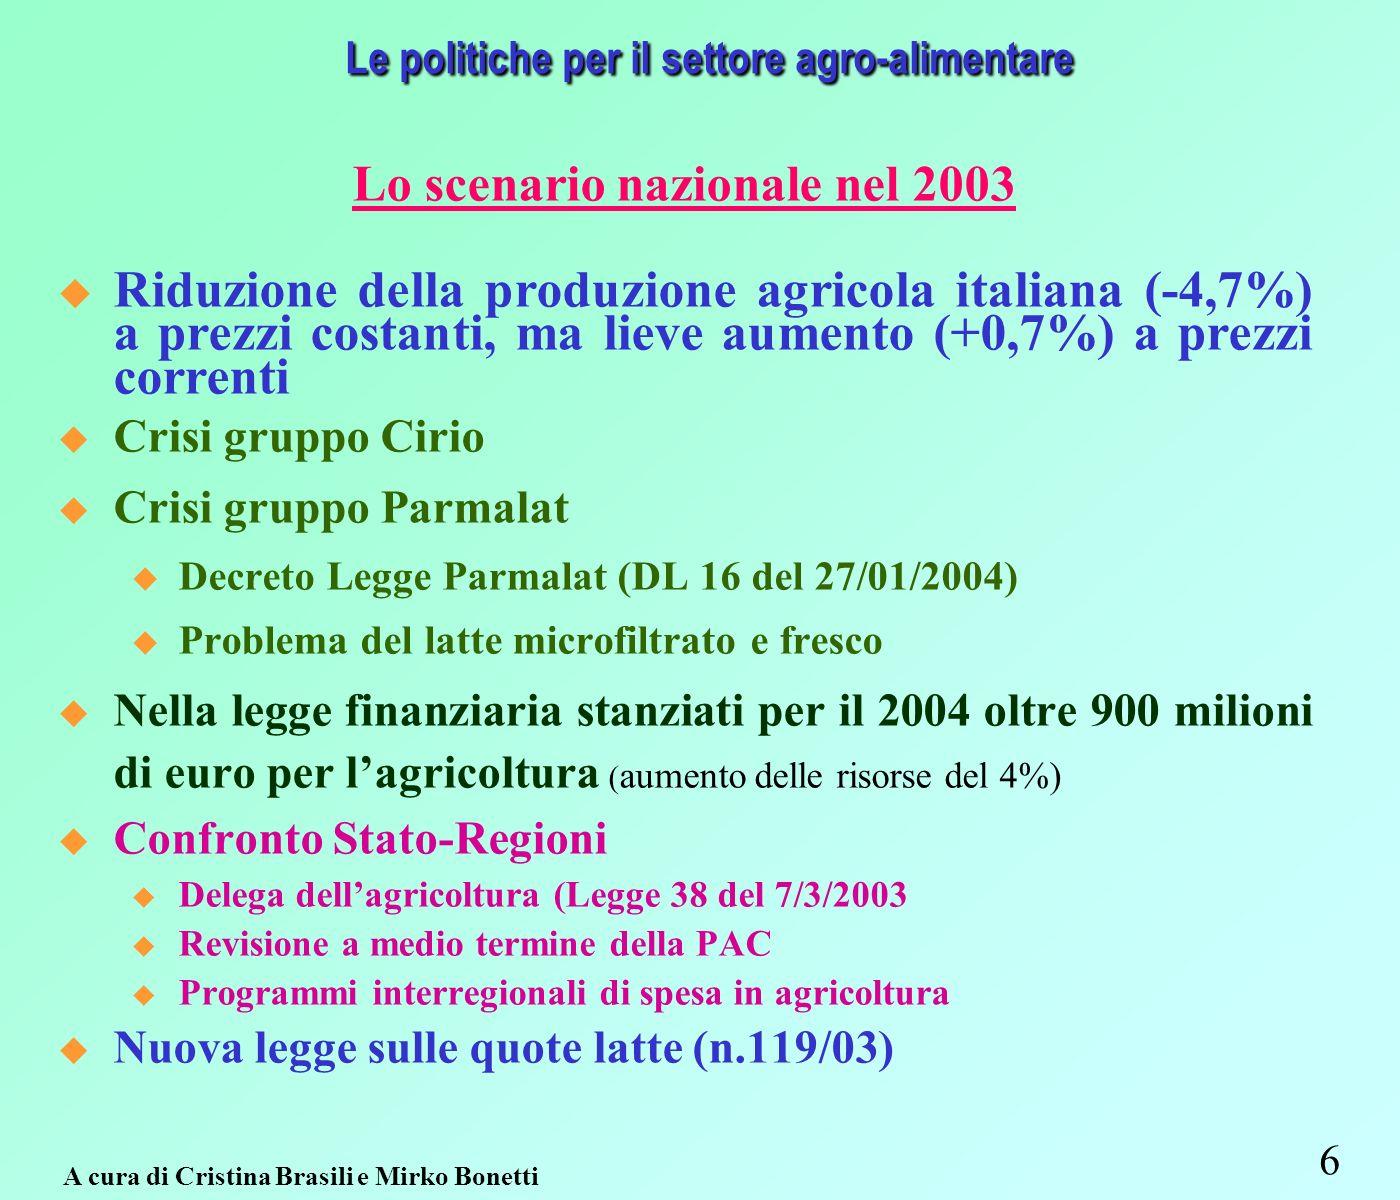 27 A cura di Cristina Brasili e Mirko Bonetti Gli scambi con lestero Scambi con lestero di prodotti agroalimentari in Emilia-Romagna (2002-2003) Fonte: nostre elaborazioni su dati Istat